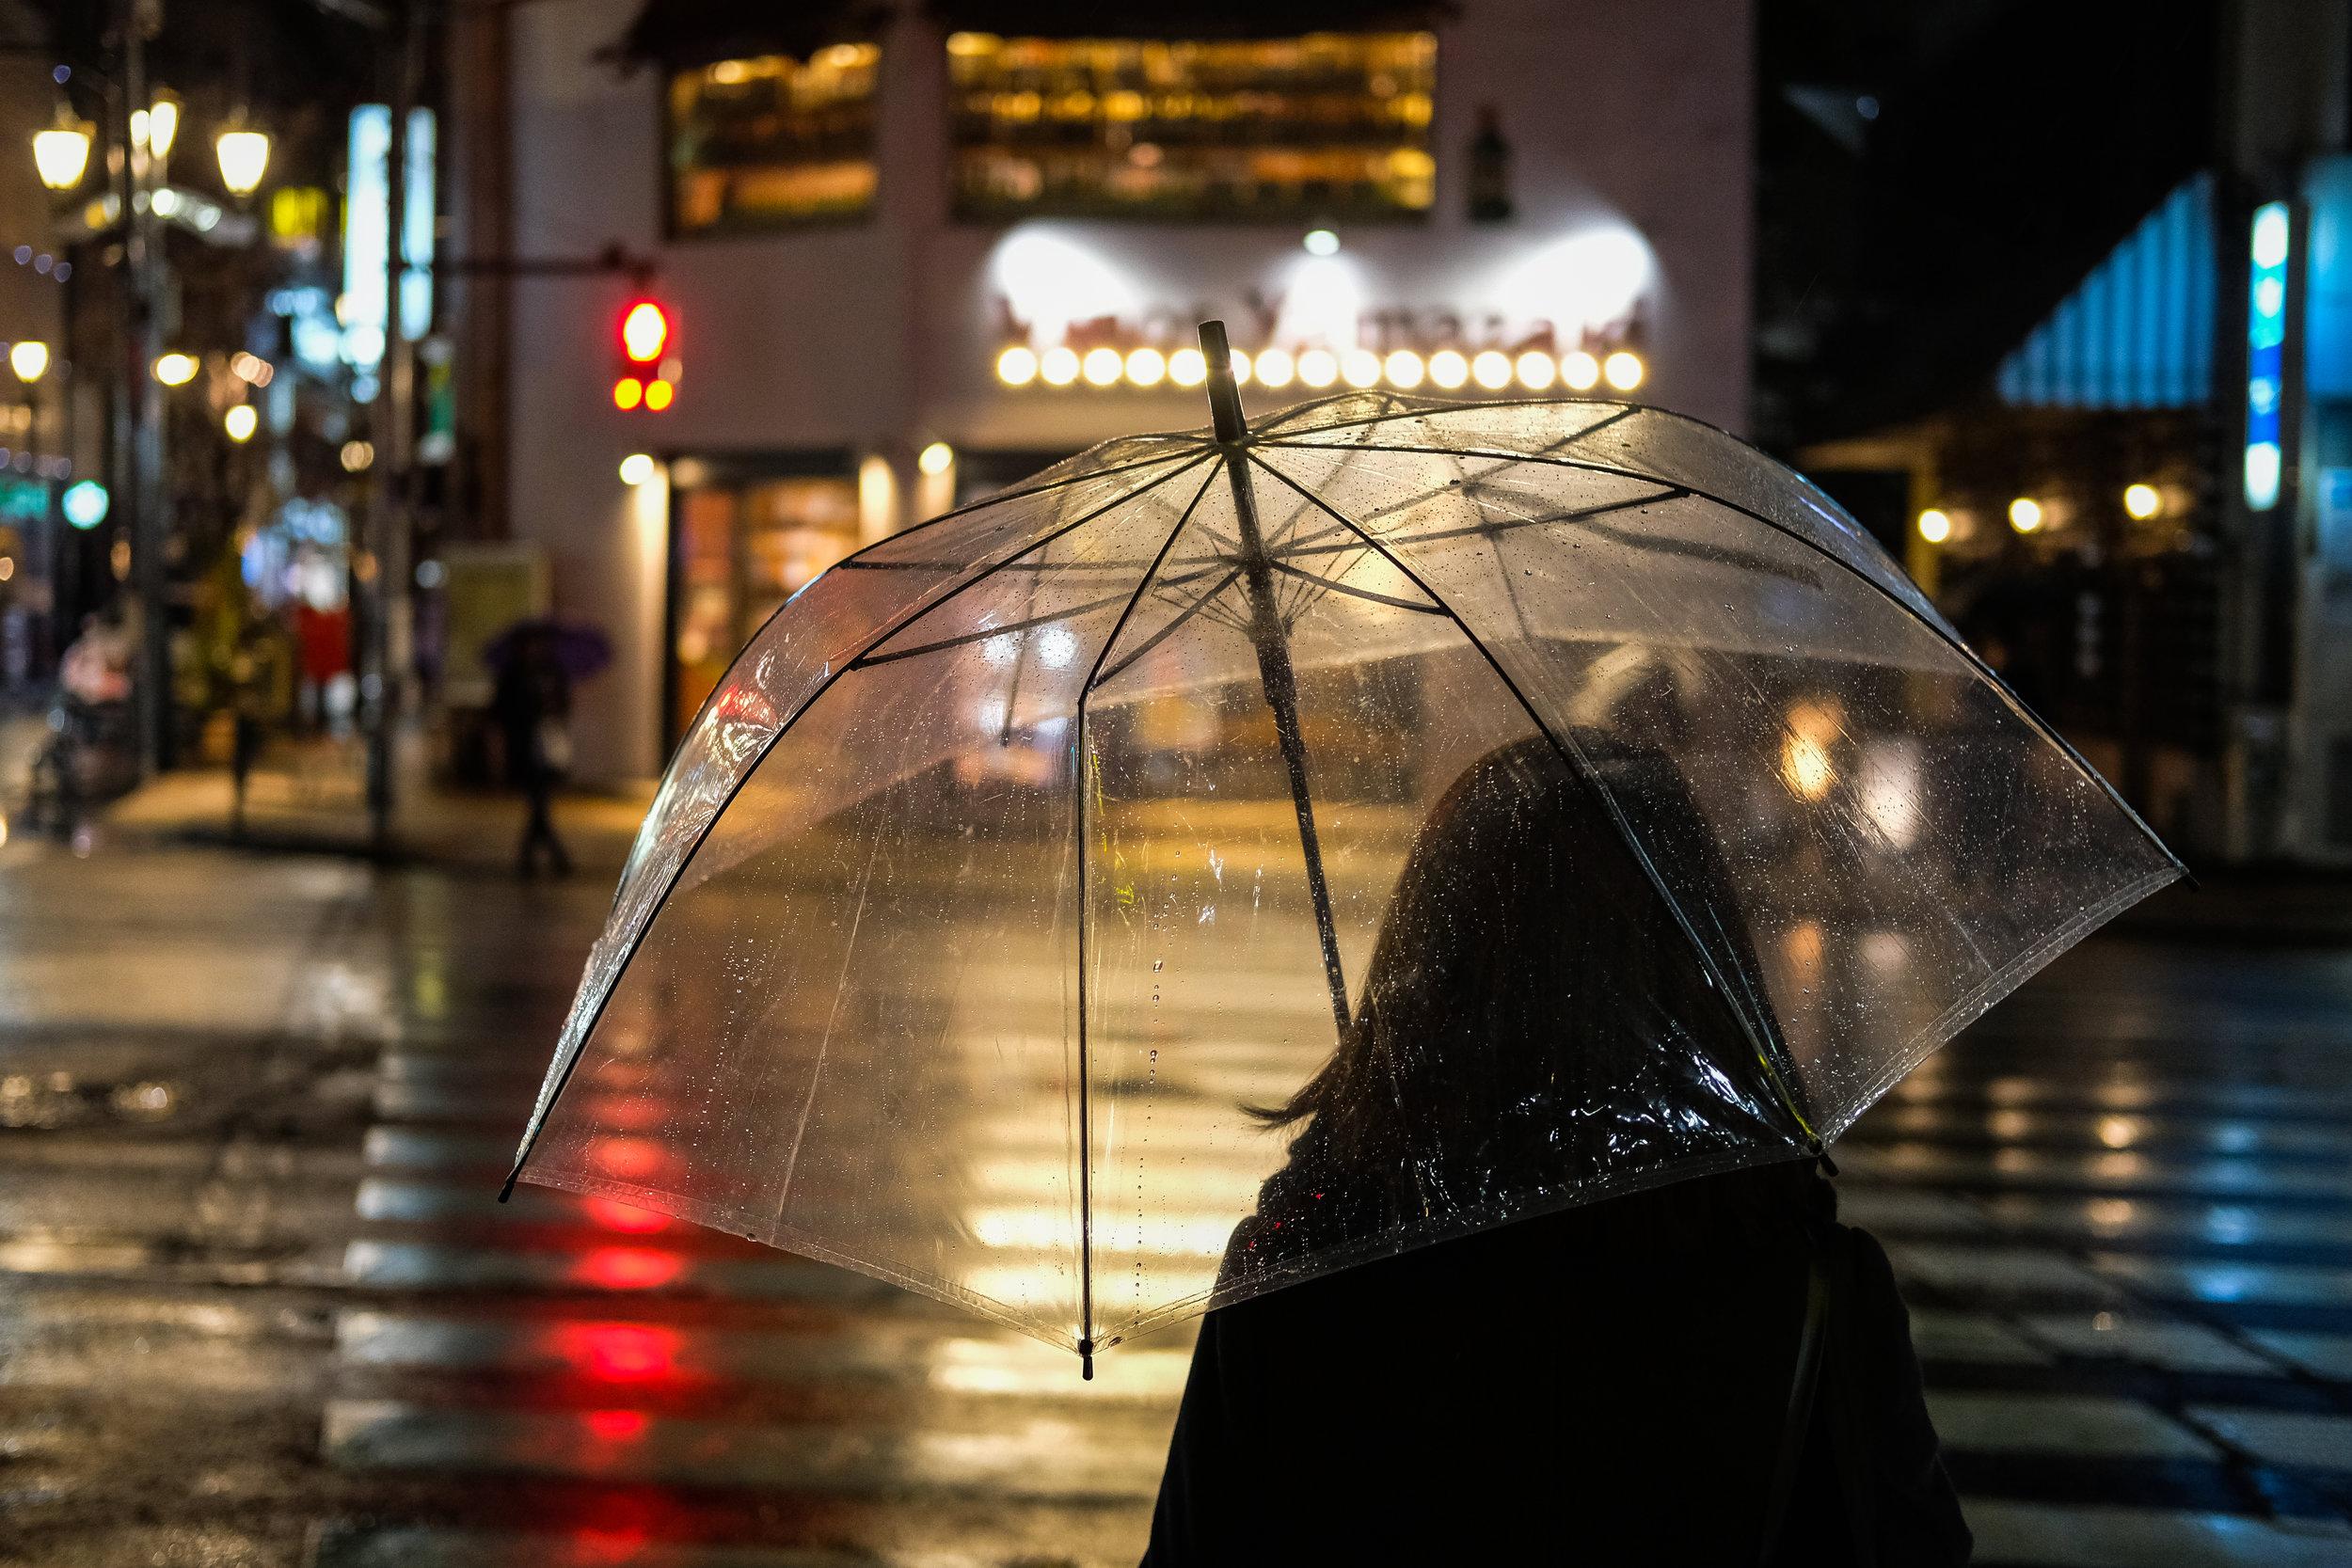 Transparent umbrellas. Hiro-O, Tokyo